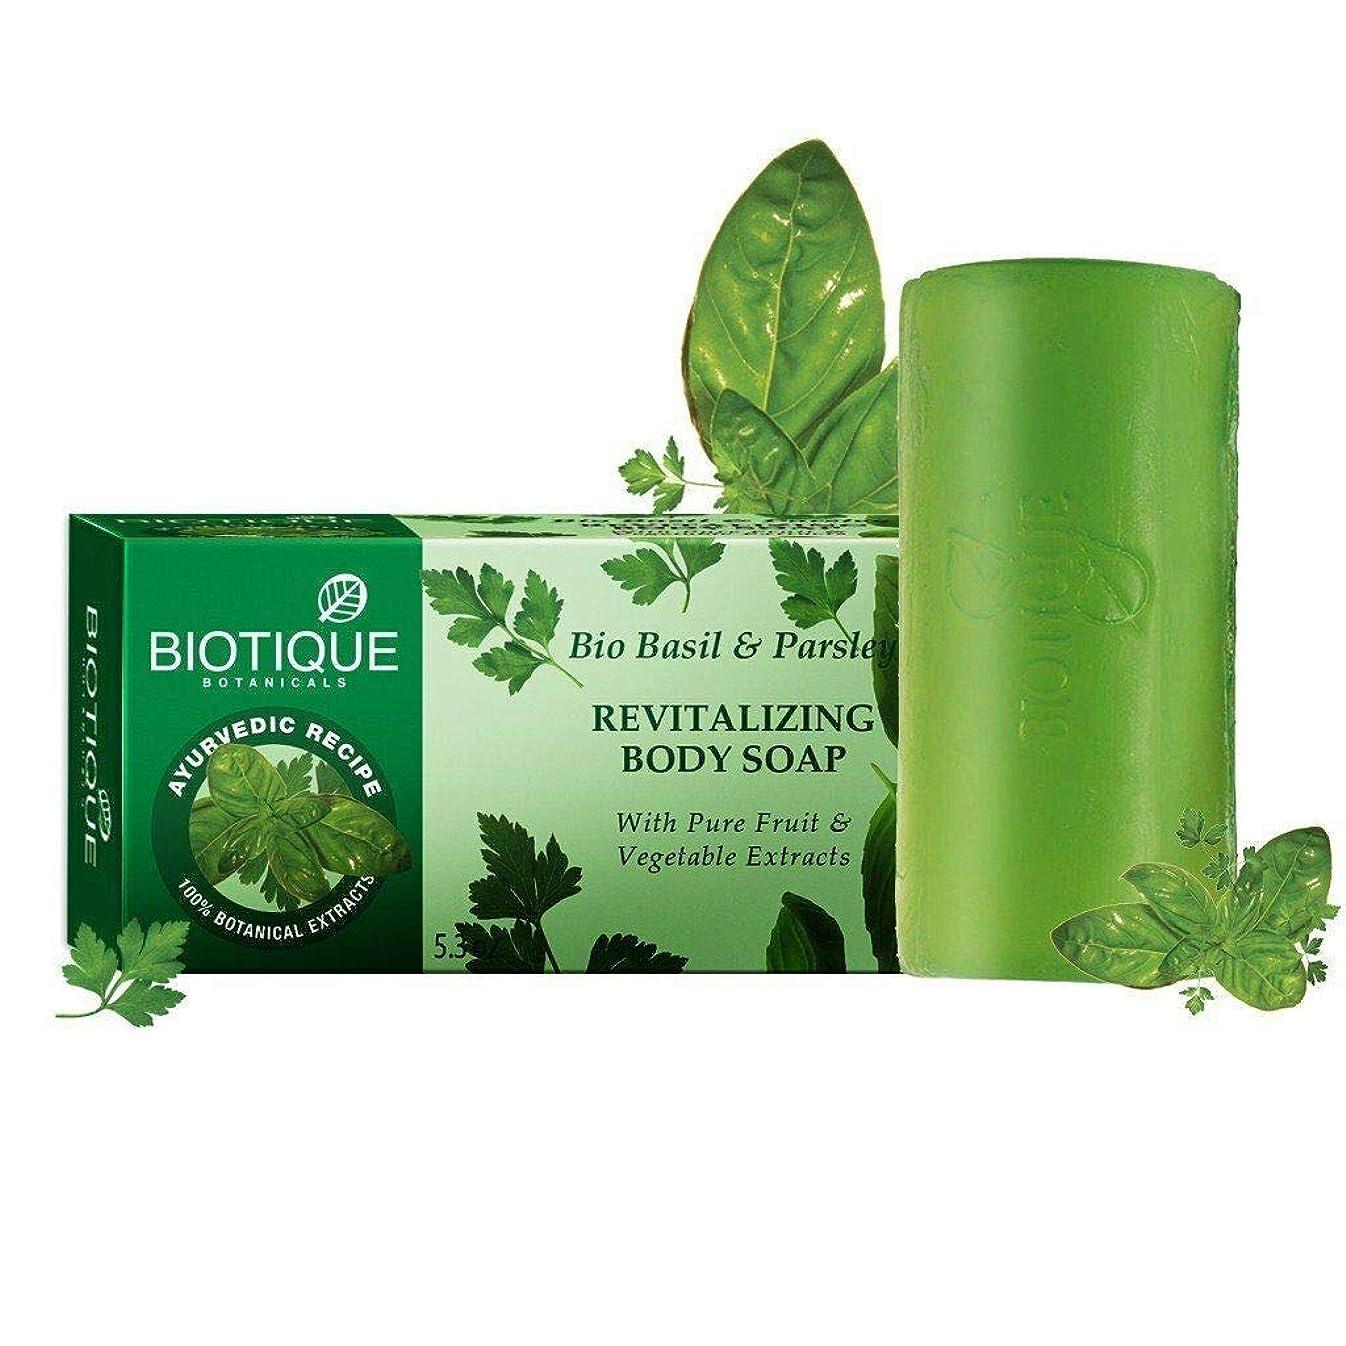 キリスト令状会員Biotique Bio Basil And Parsley Revitalizing Body Soap 150g (Pack of 2) Biotiqueバイオバジルとパセリの活性化ボディソープ